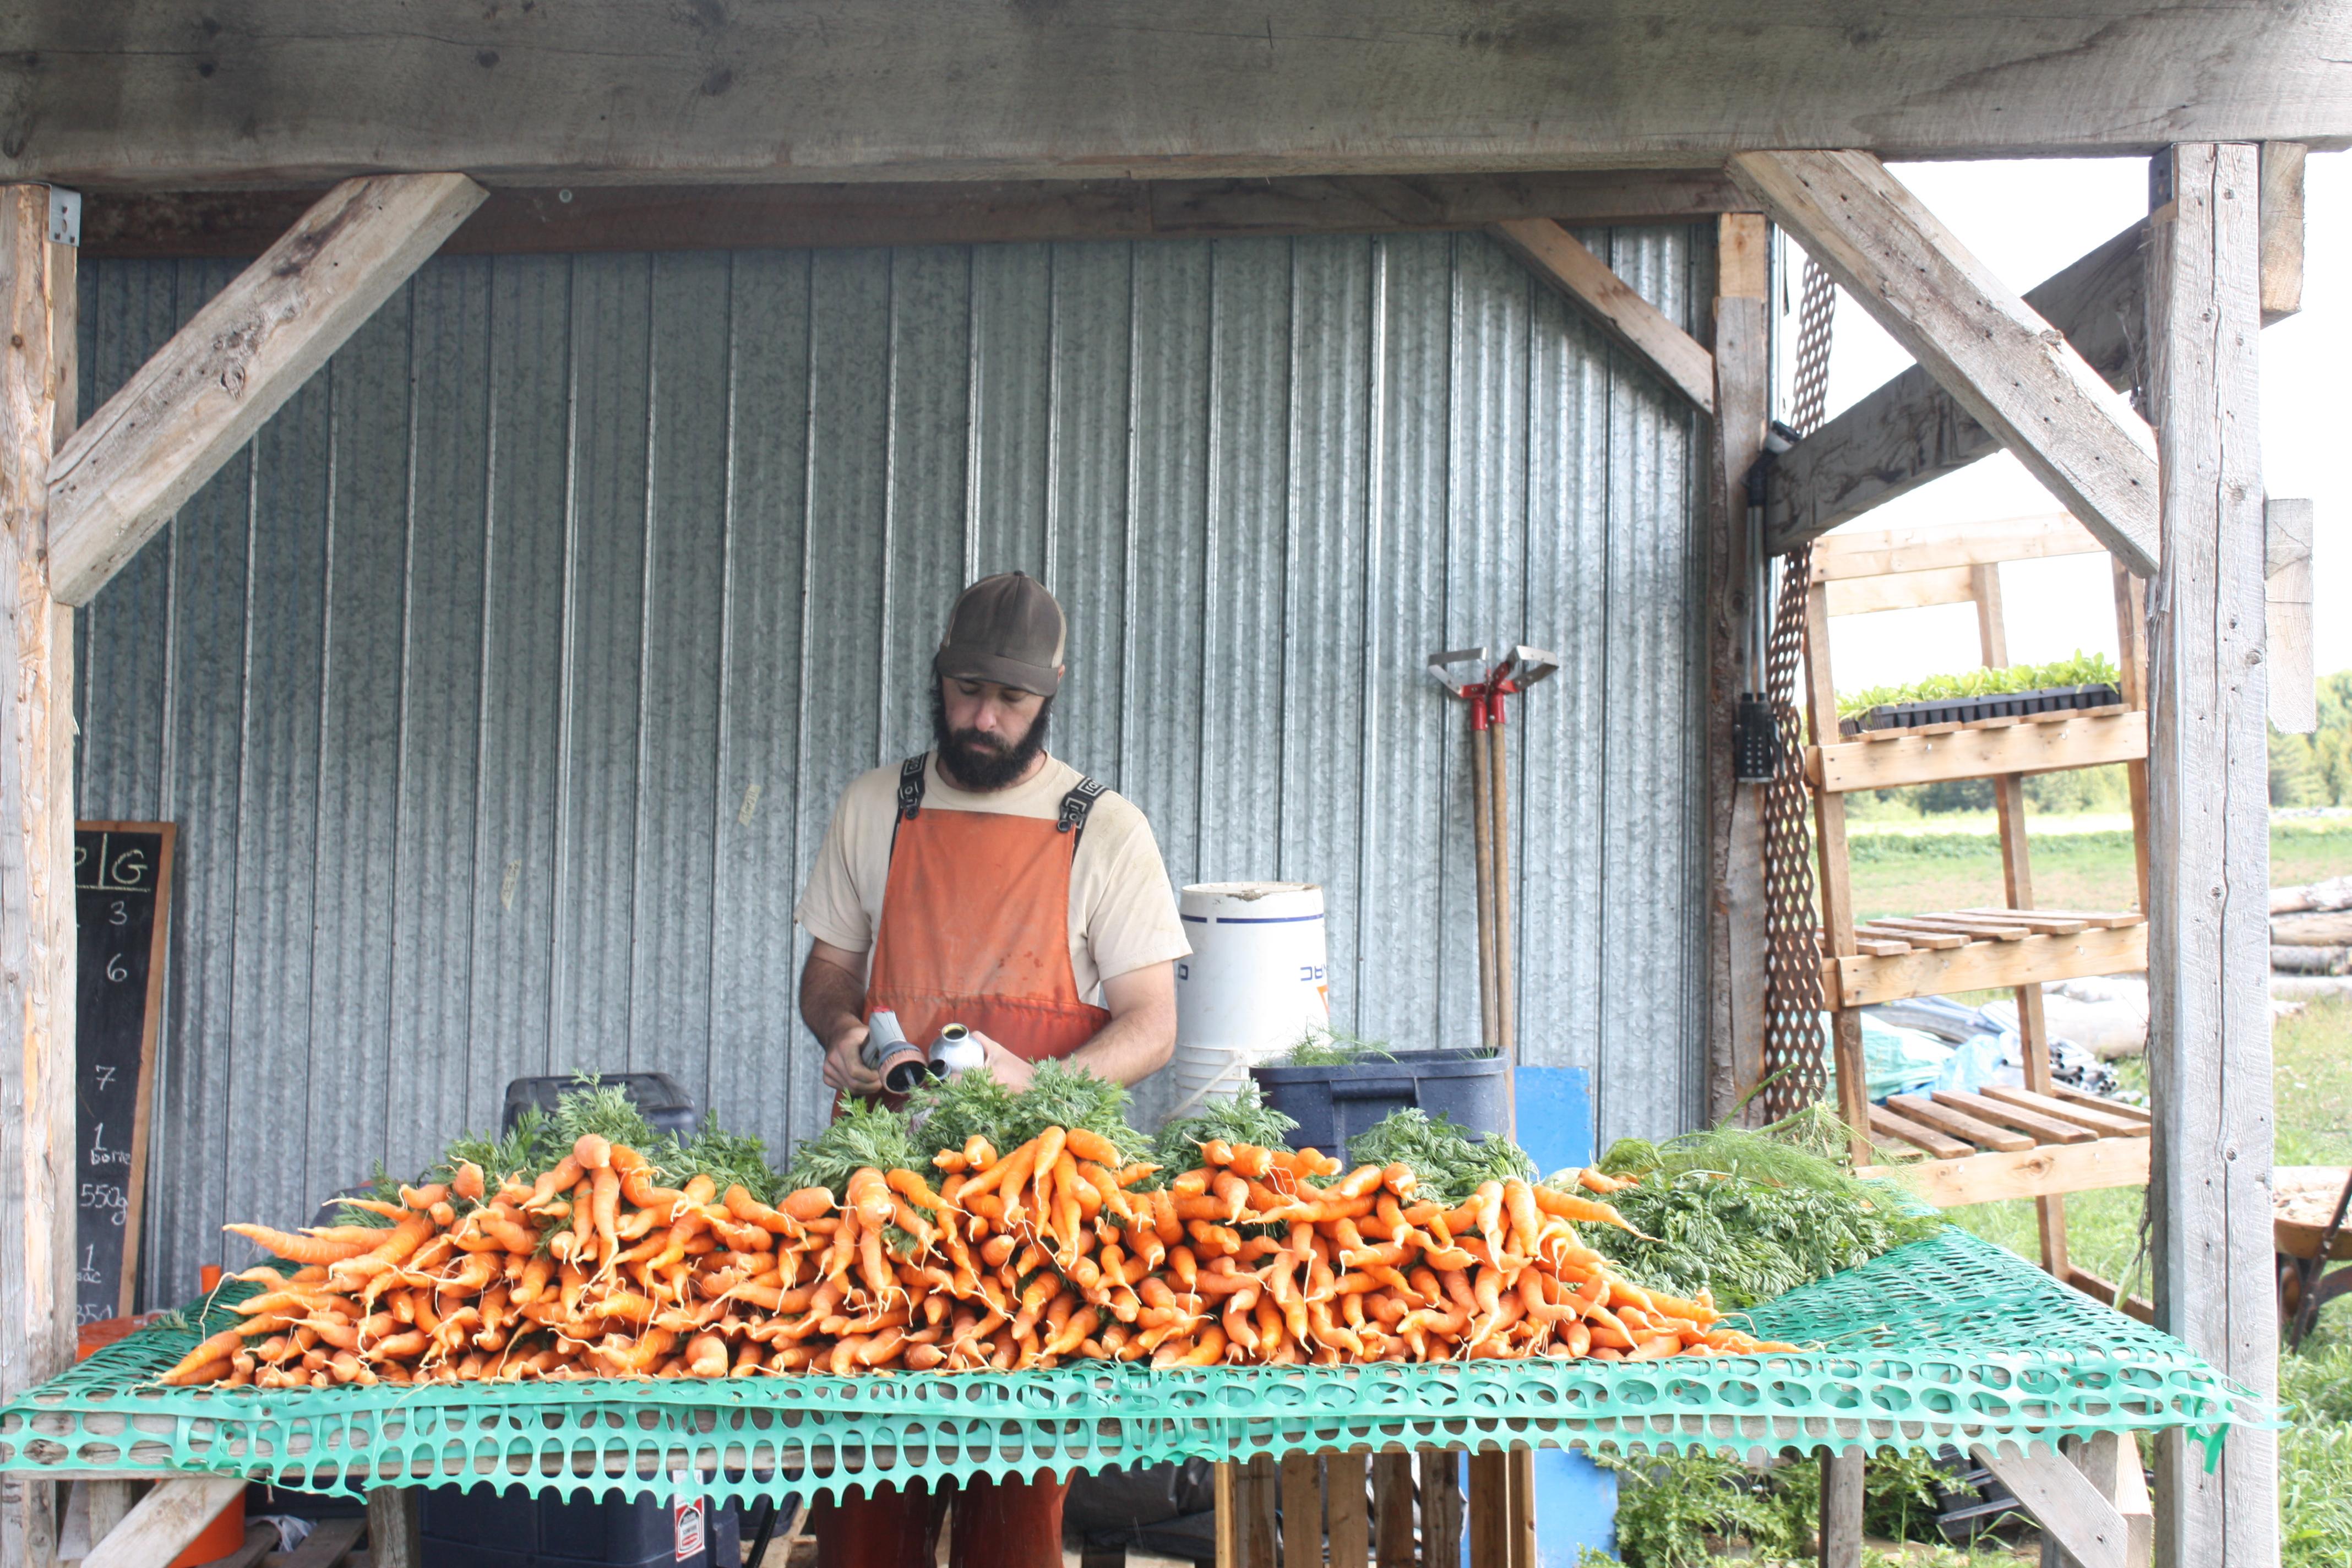 Lavage des carottes